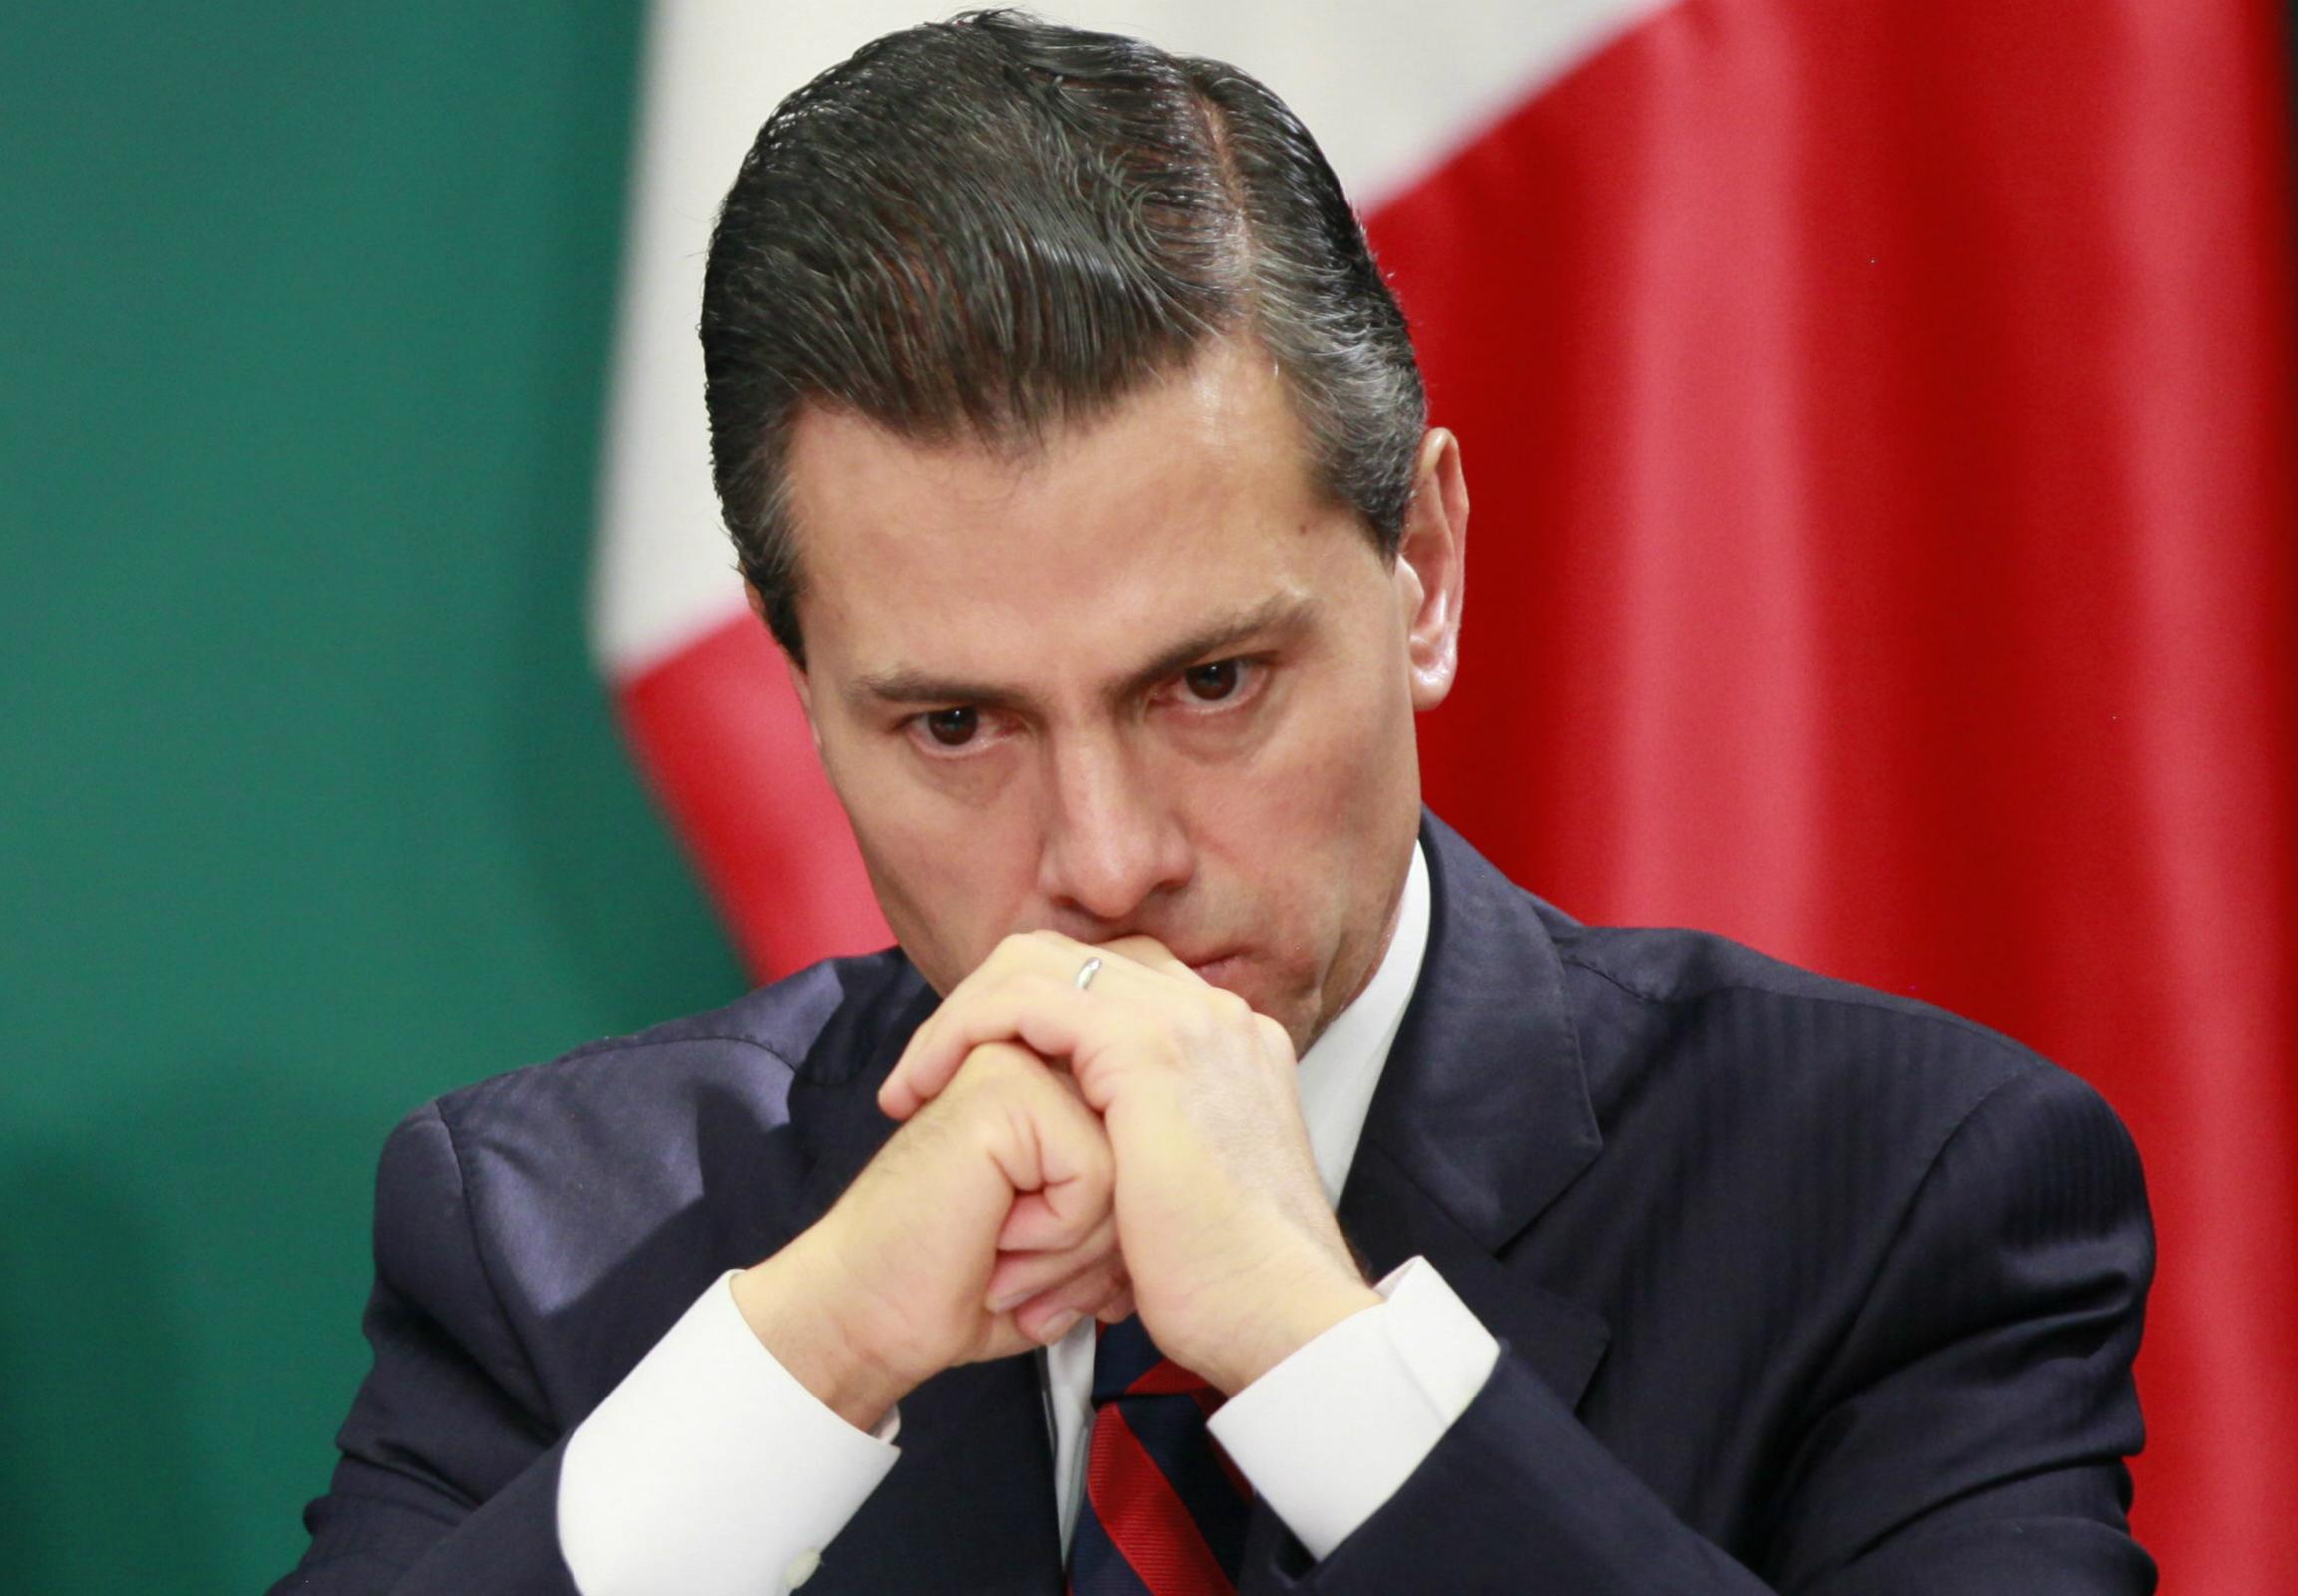 Aprobacin De Pea Nieto Se Desploma En Nmeros El Politico Tendencies Tshirt Comedian Hitam Xl Nieto2